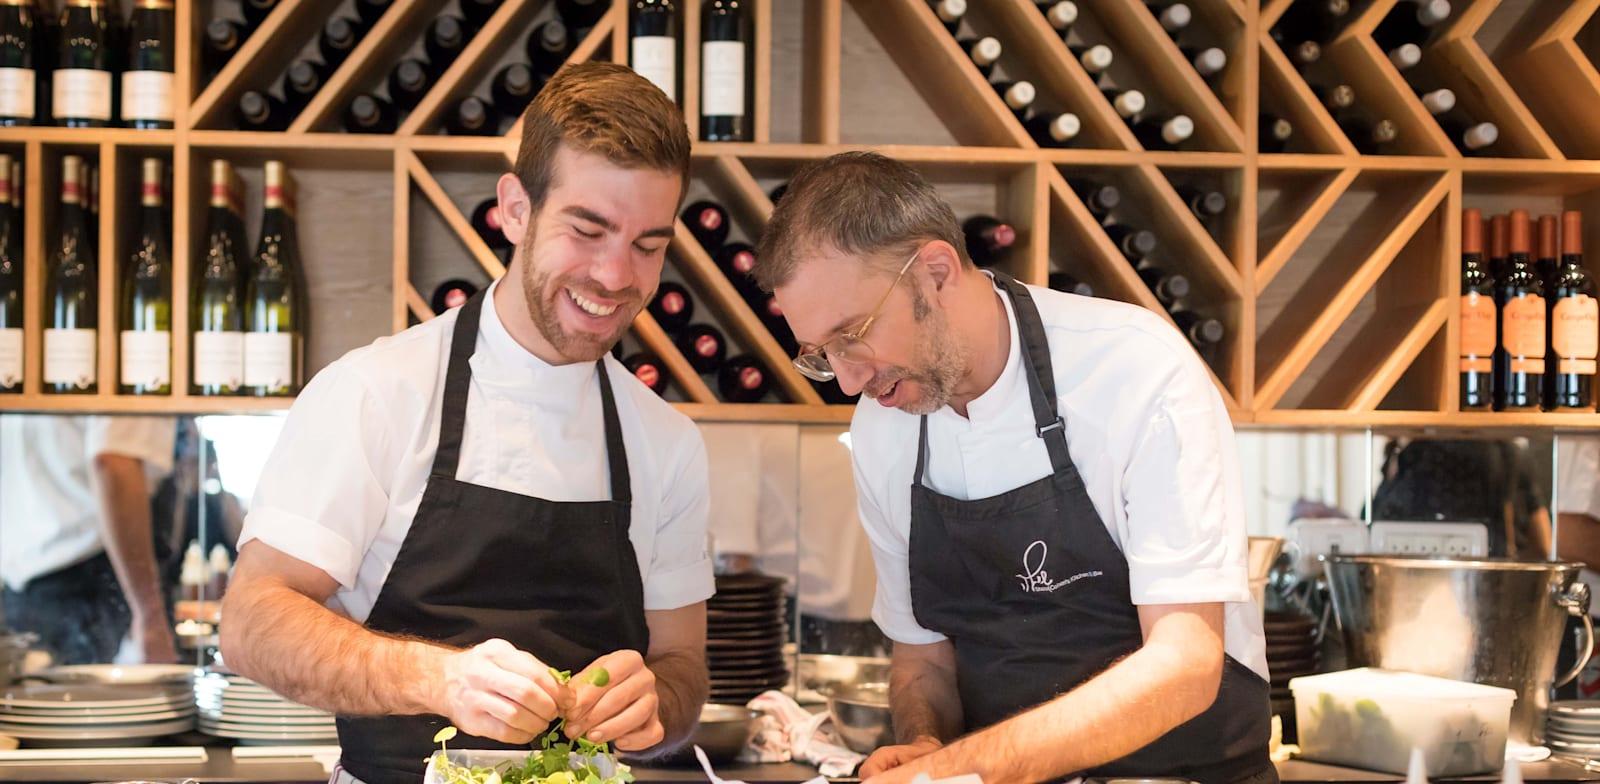 שרון כהן (מימין) עם אחד מטבחיו במסעדת שילה / צילום: יונתן בן חיים